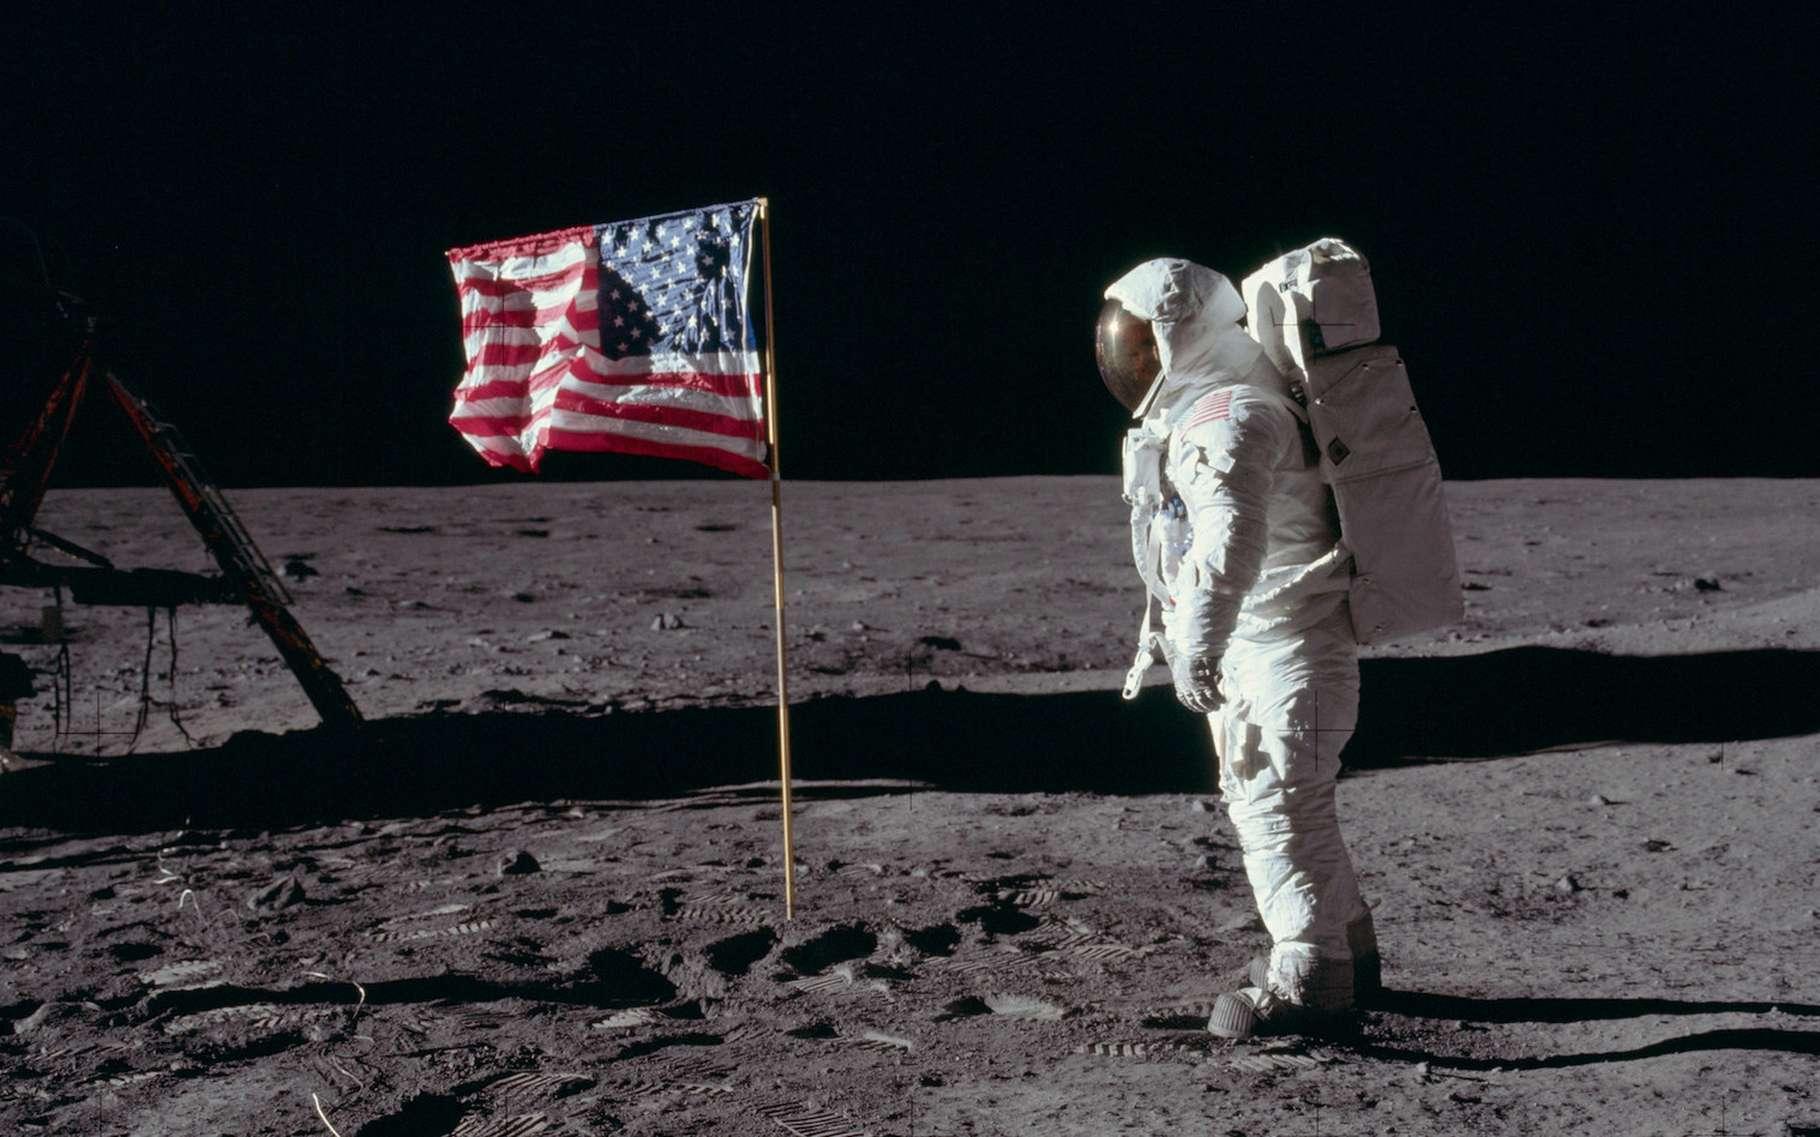 L'Homme a-t-il réellement posé le pied sur la Lune en 1969 ? Face aux « nombreuses incohérences » soulevées par certains, les preuves scientifiques peinent à convaincre. © Project Apollo Archive, Flickr, Domaine public